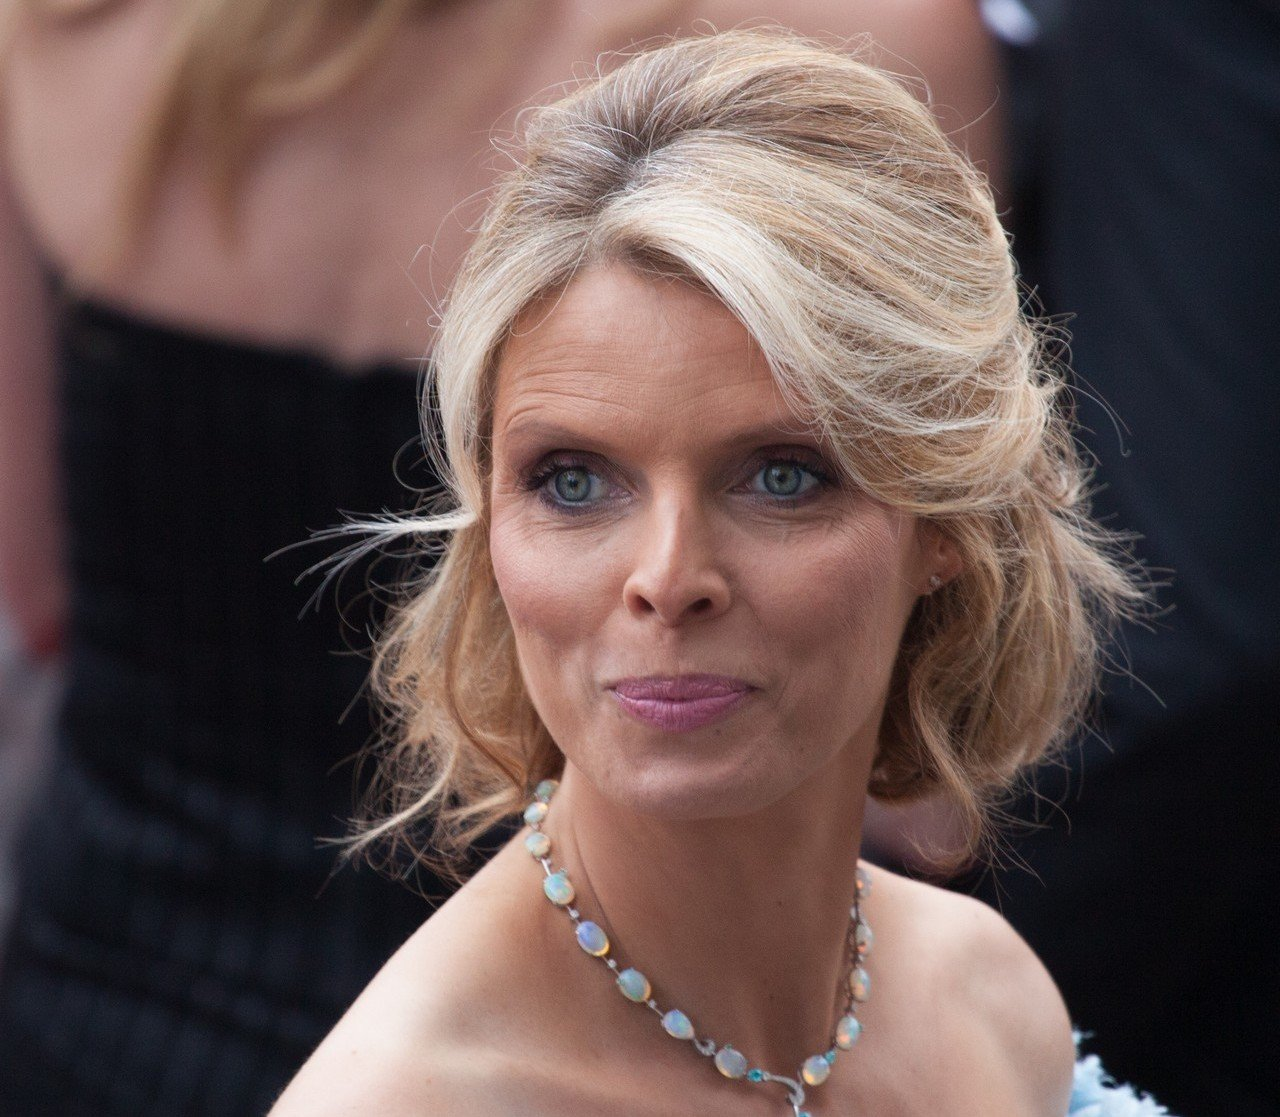 2018 05 10 cannes sylvie tellier 2075 42793234421.jpg?resize=300,169 - Miss France : Sylvie Tellier annonce que les femmes trans peuvent concourir